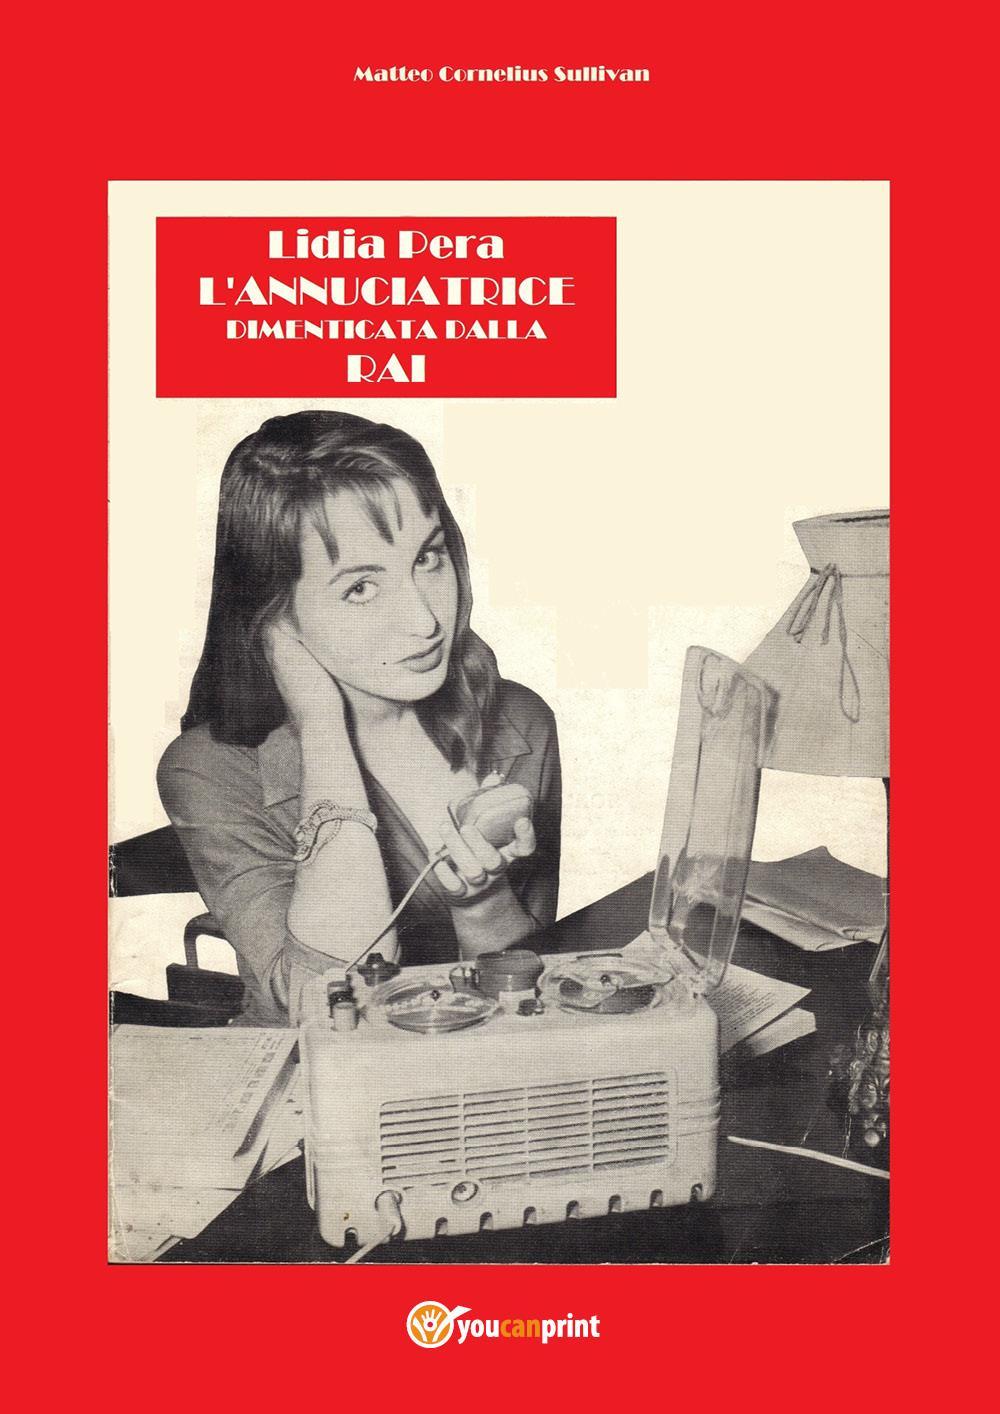 Lidia Pera l'annunciatrice dimenticata dalla RAI